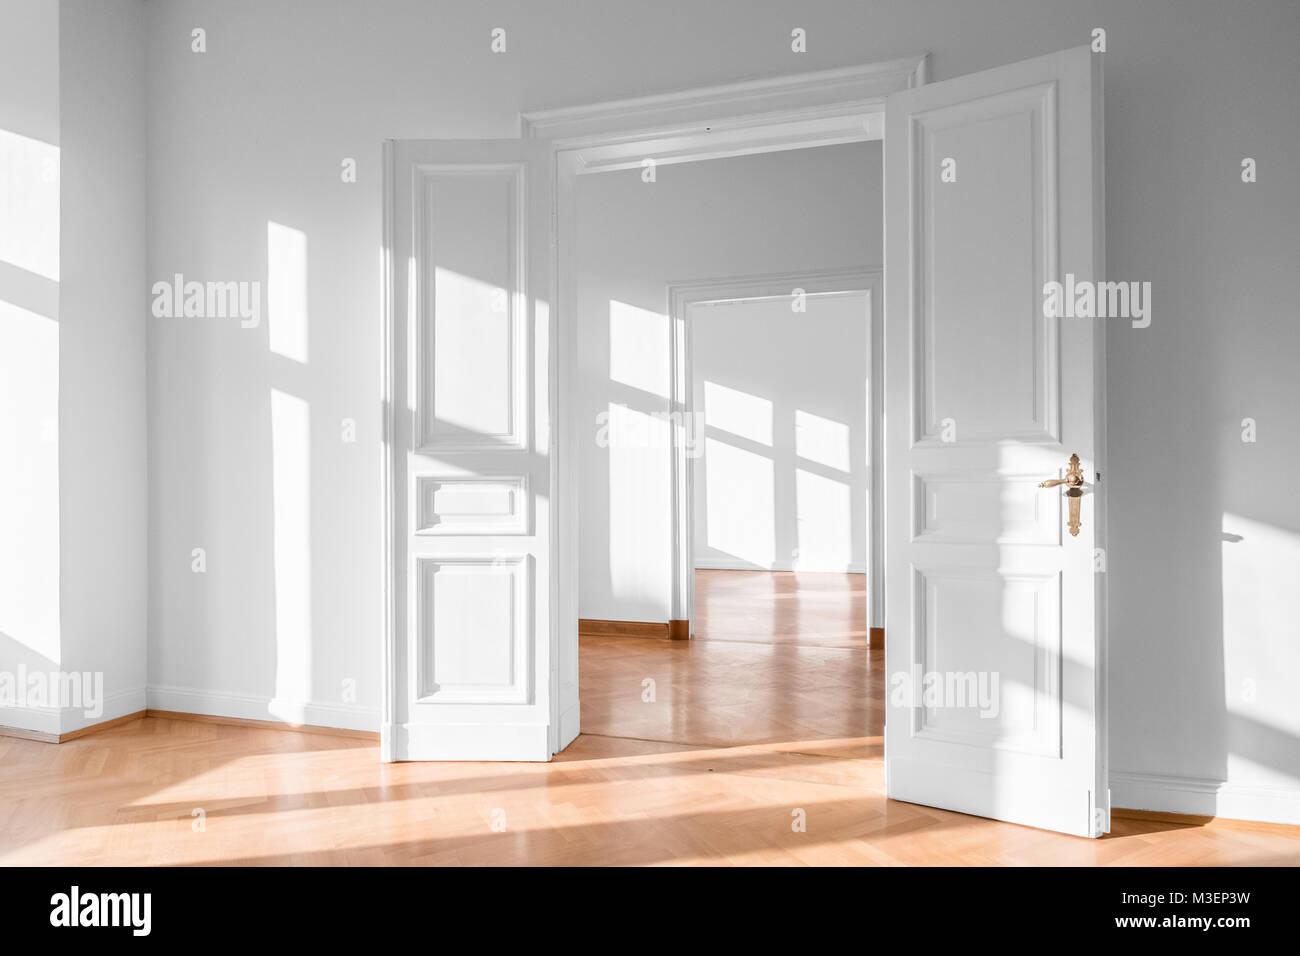 Schöne leere Flach, helle Wohnung - Immobilien innen Stockfoto, Bild ...